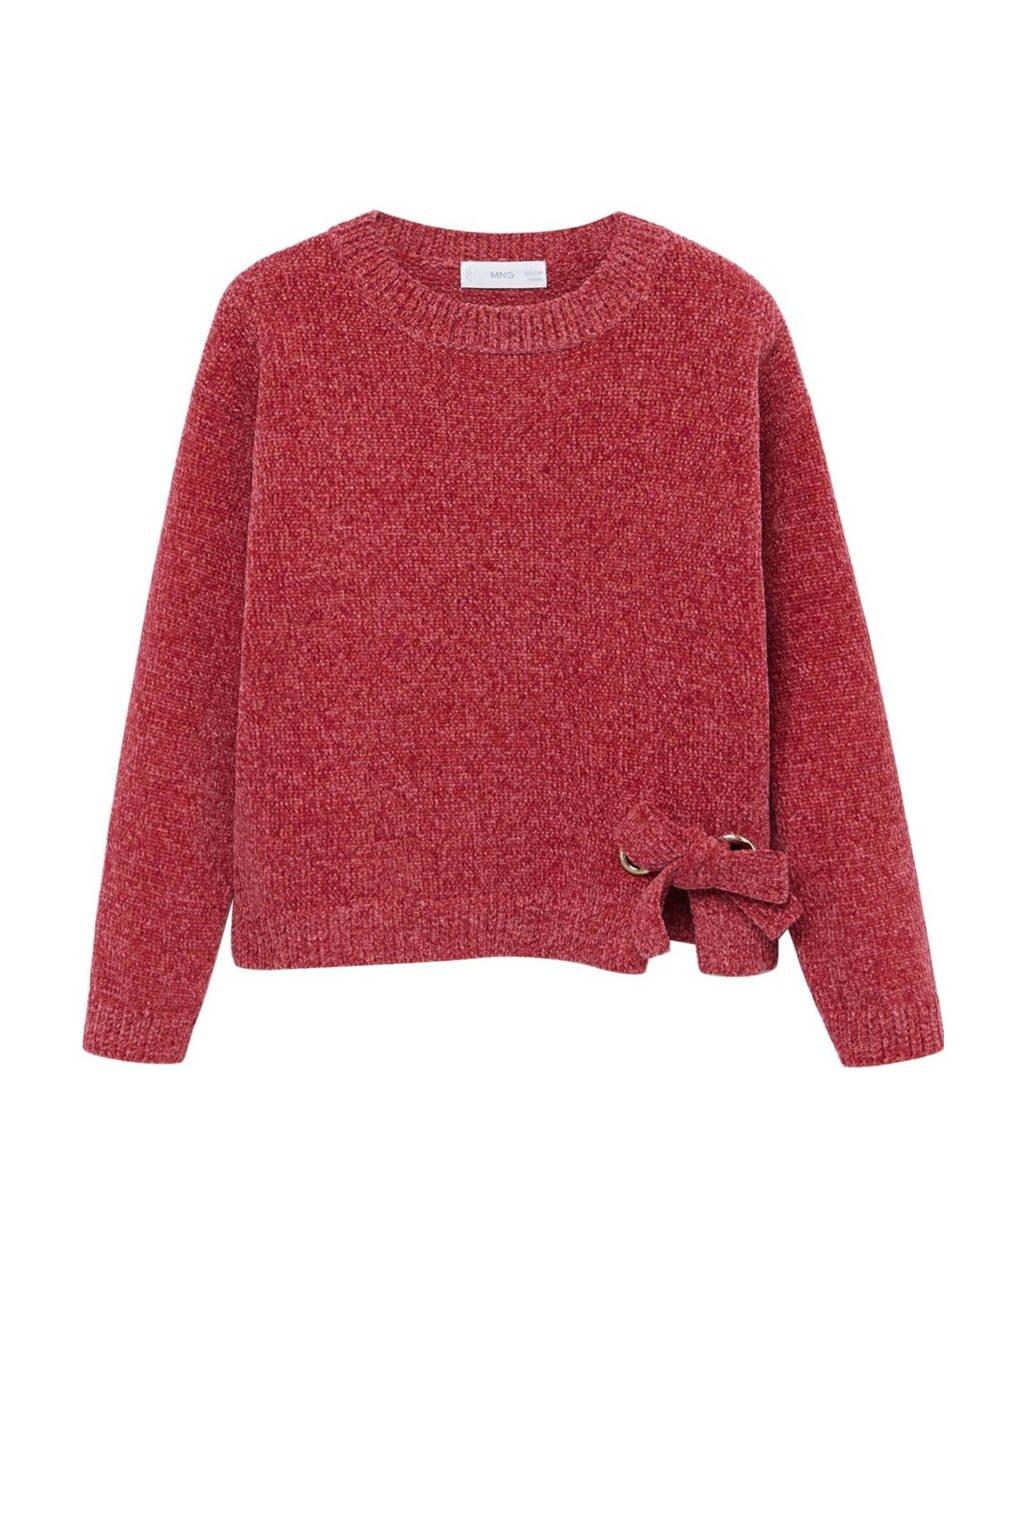 Mango Kids trui rood, Rood